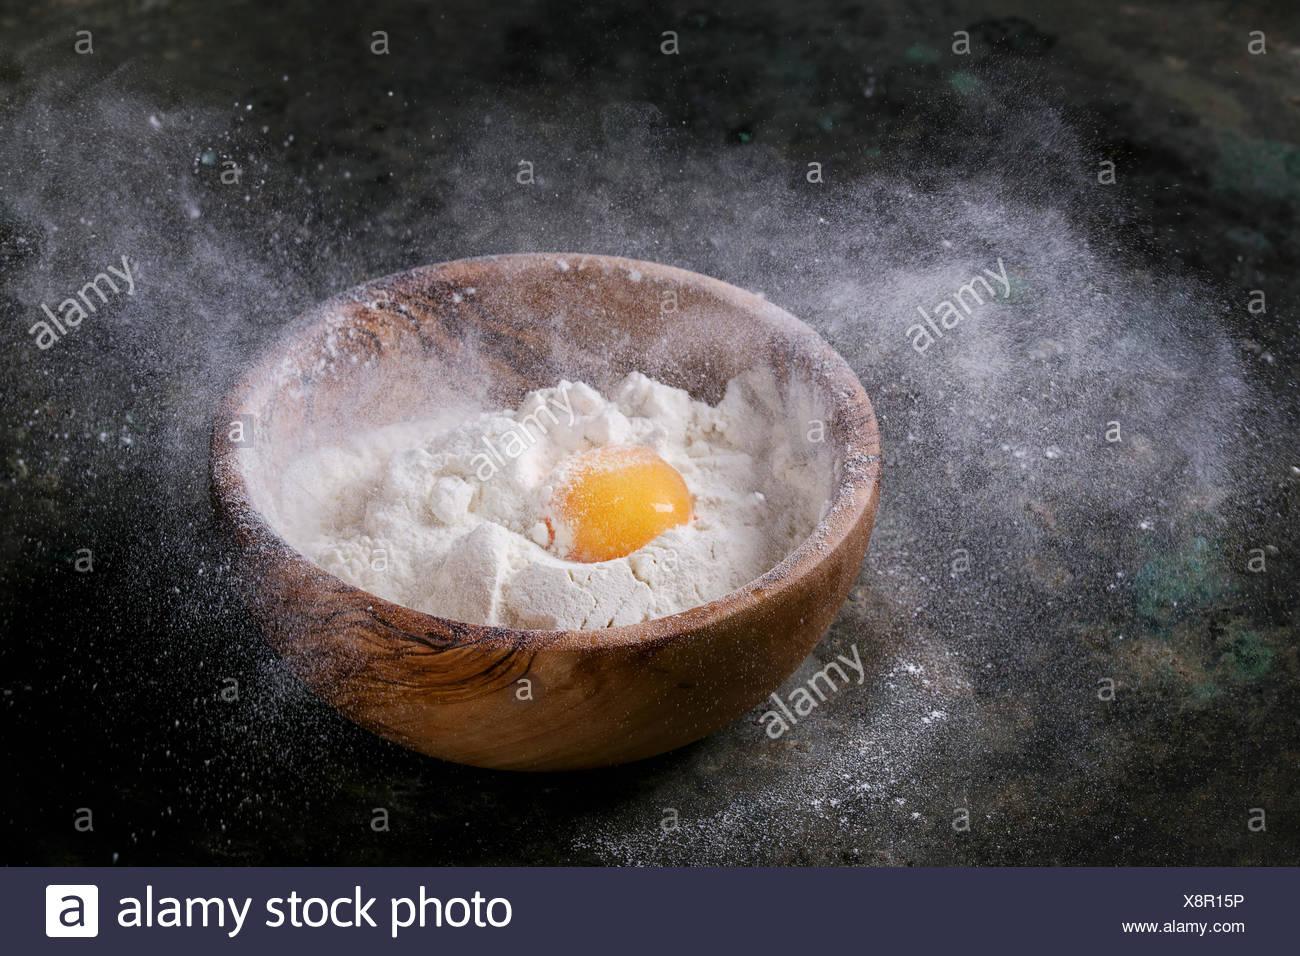 In legno di olivo ciotola con la farina di frumento e di tutto il tuorlo d'uovo su un vecchio metallo scuro dello sfondo. La farina viene spruzzata. Concetto di cottura Immagini Stock